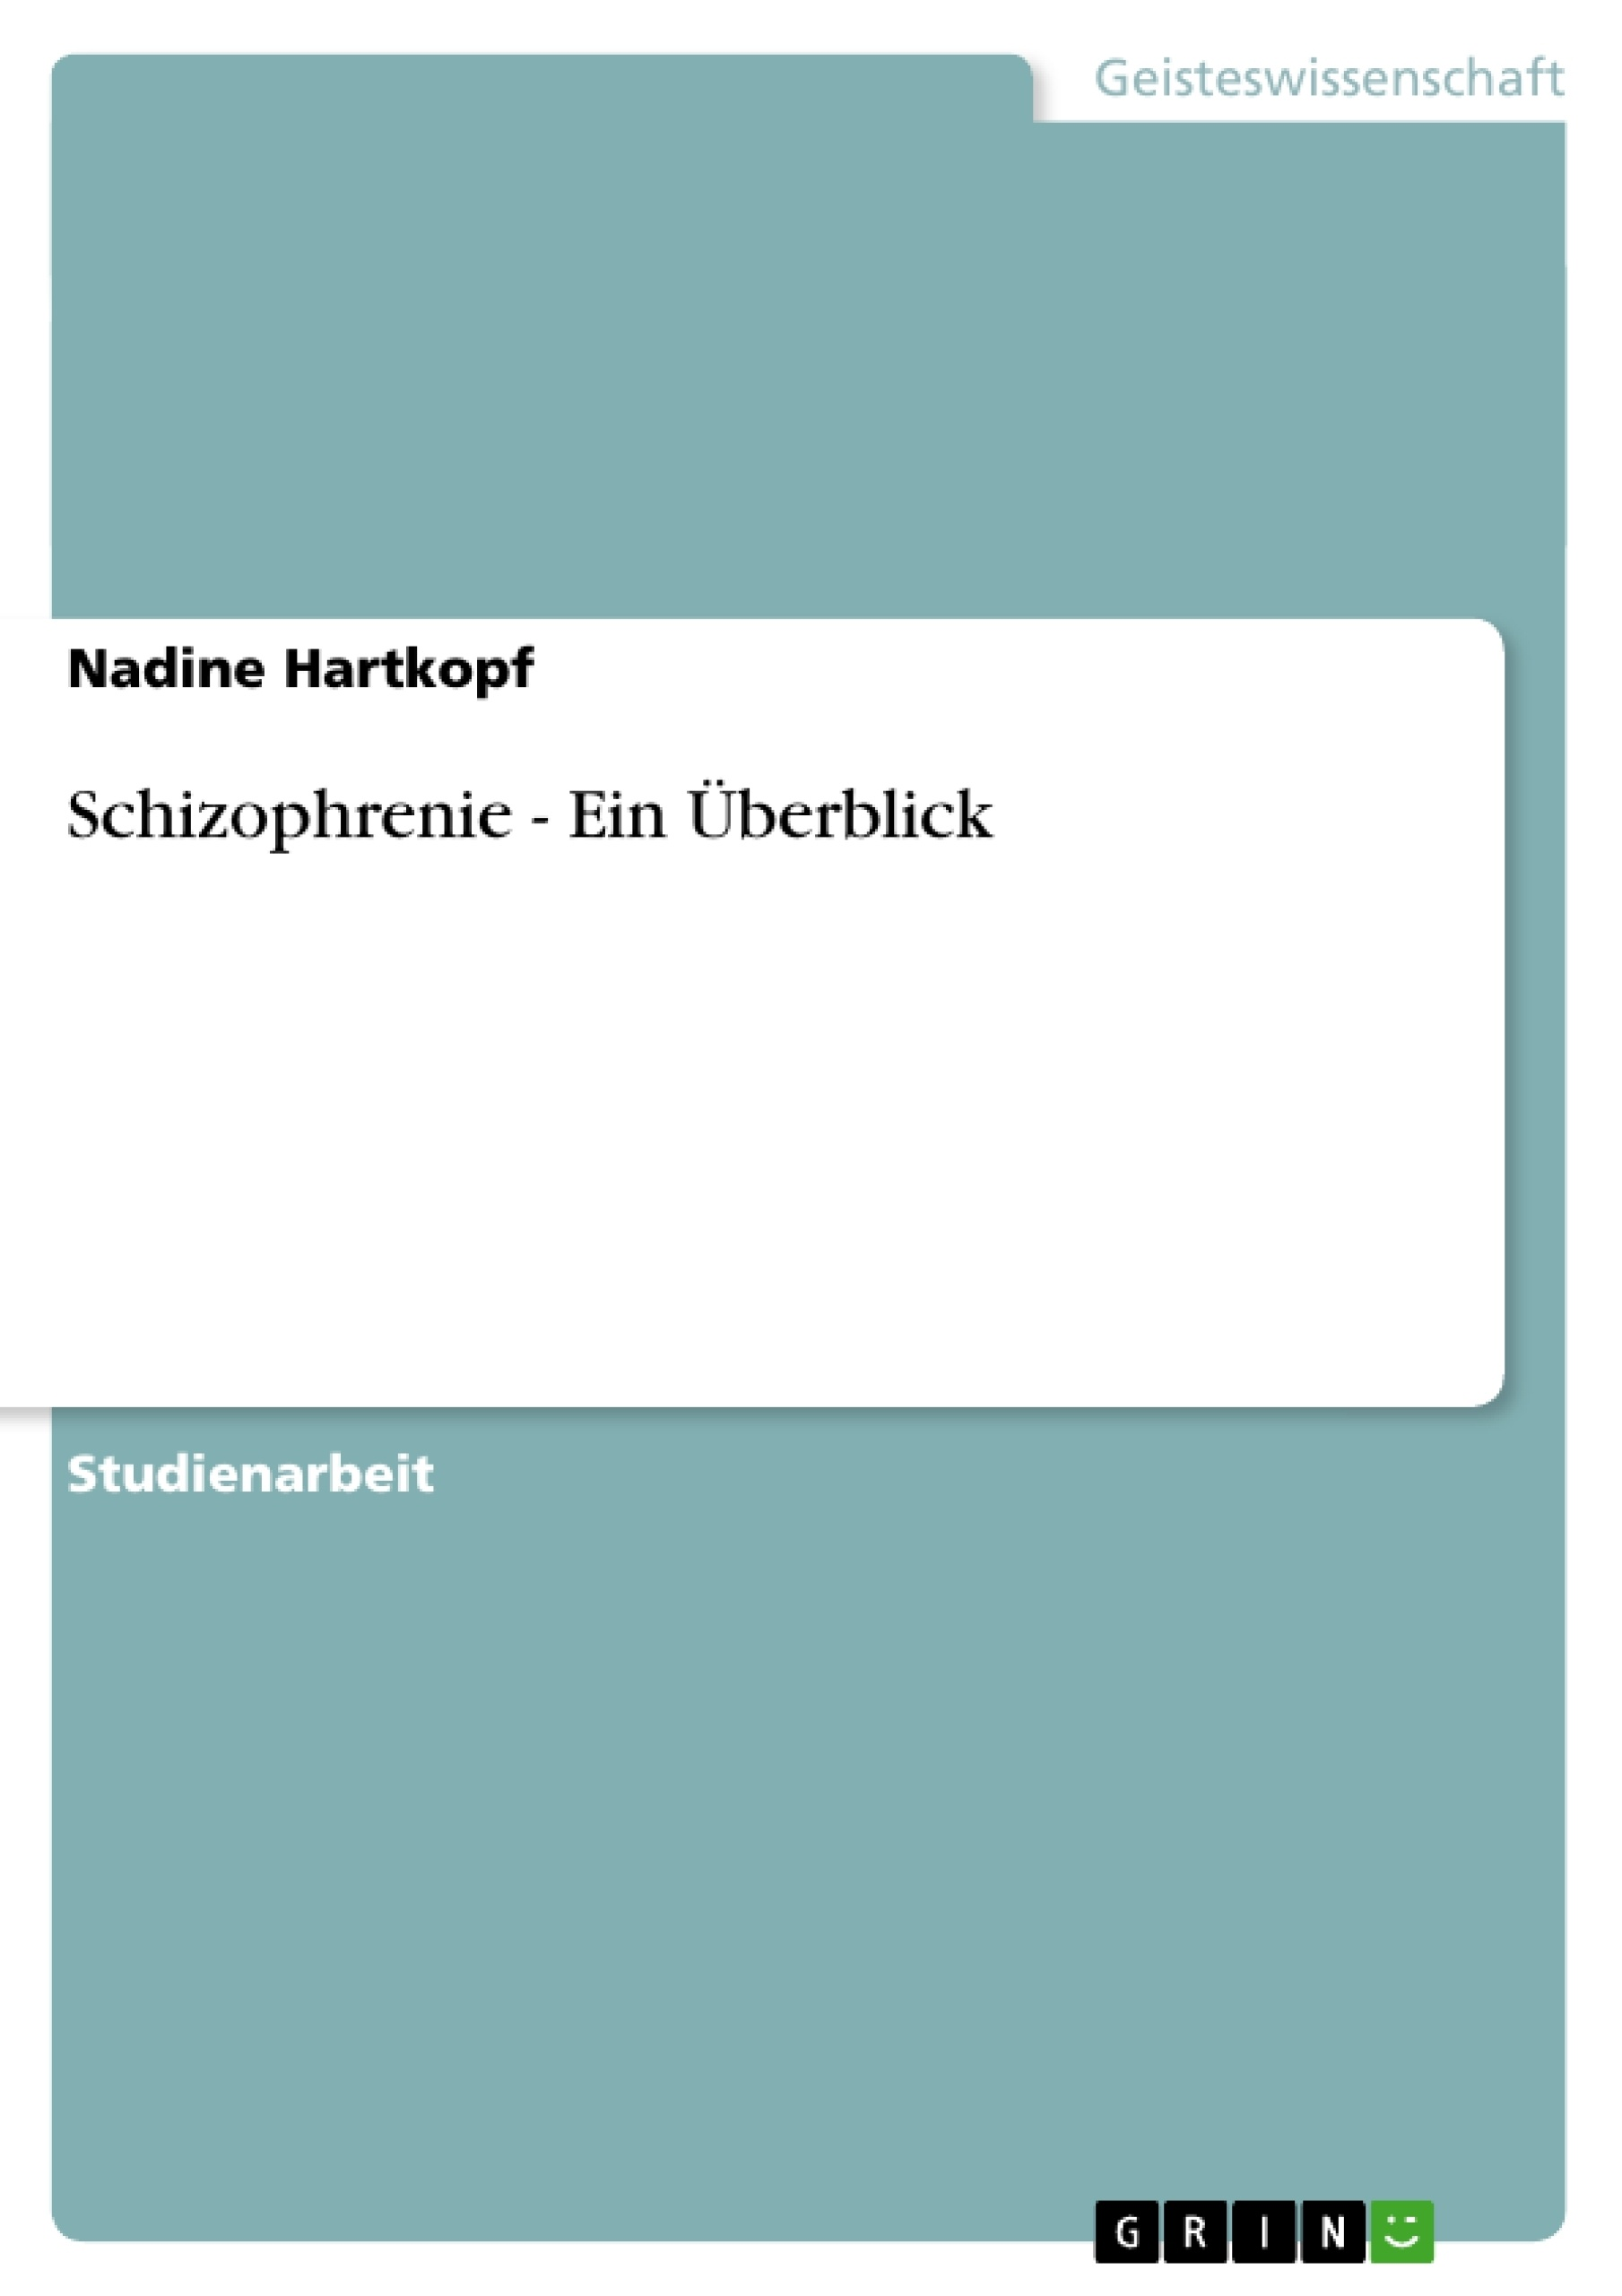 Titel: Schizophrenie - Ein Überblick